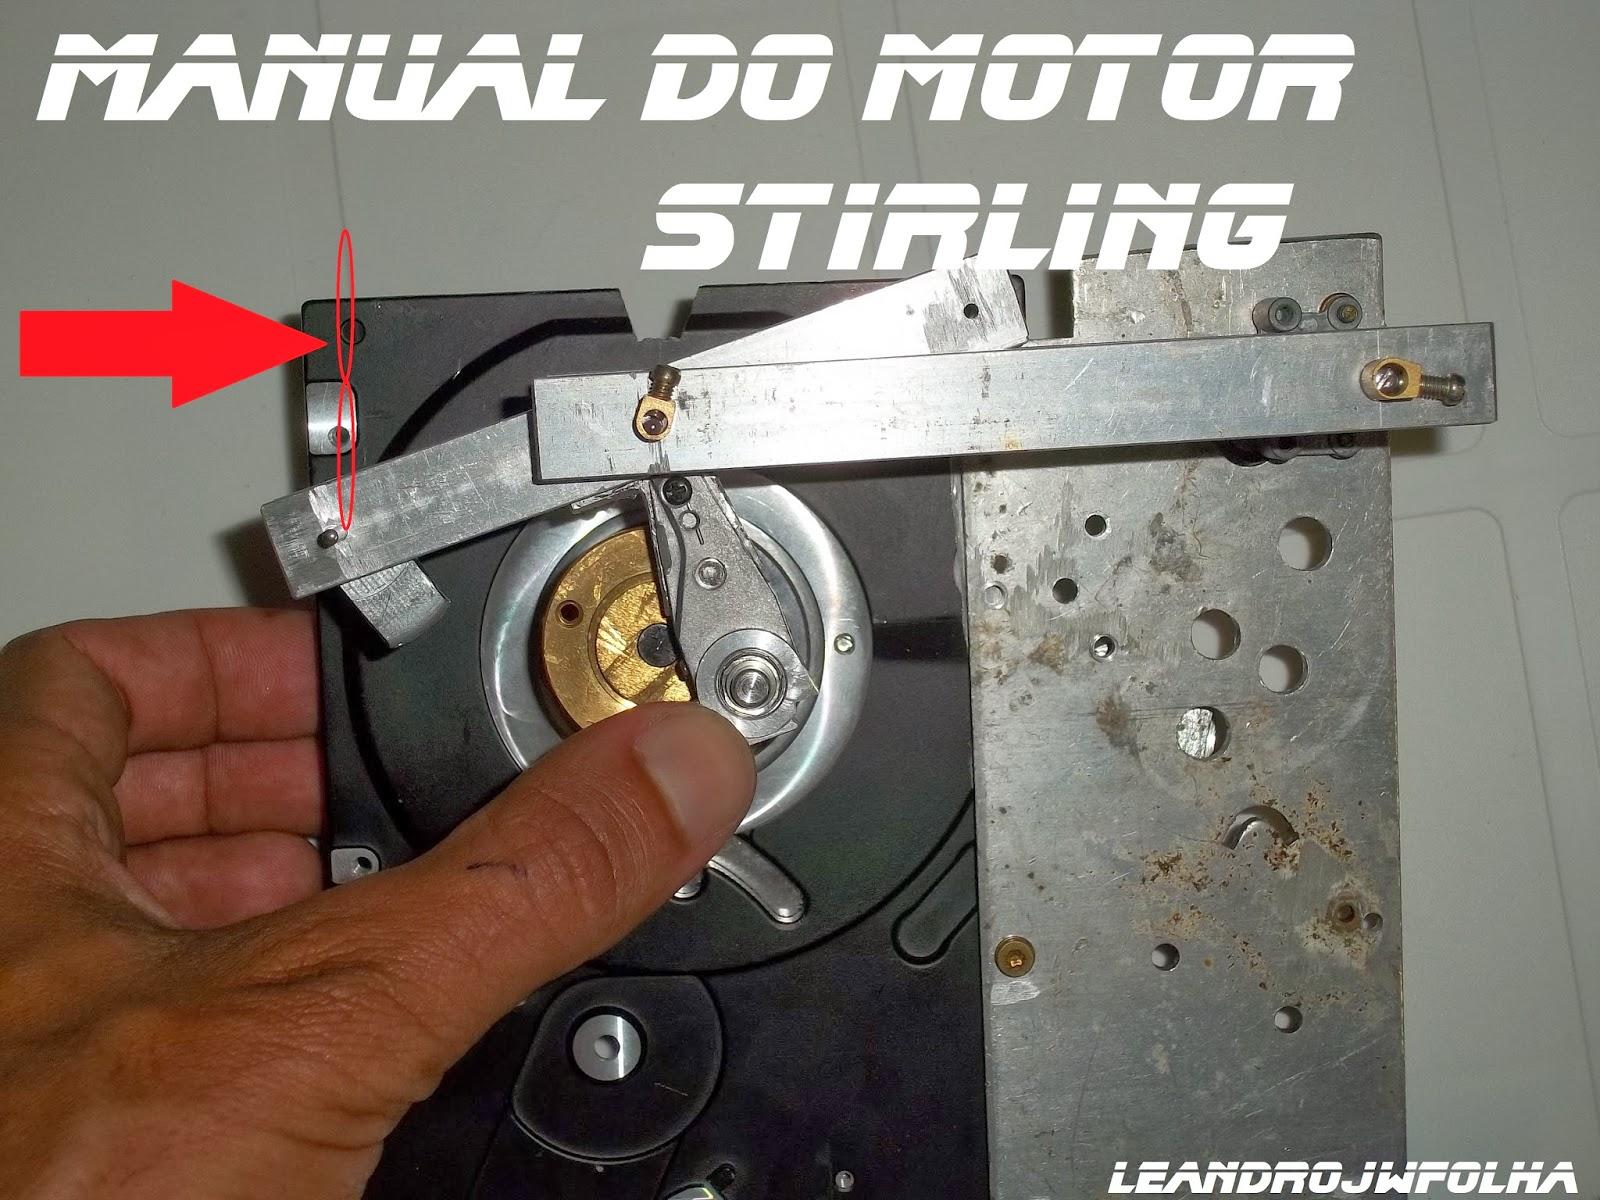 Manual do motor Stirling, desenho da trajetória